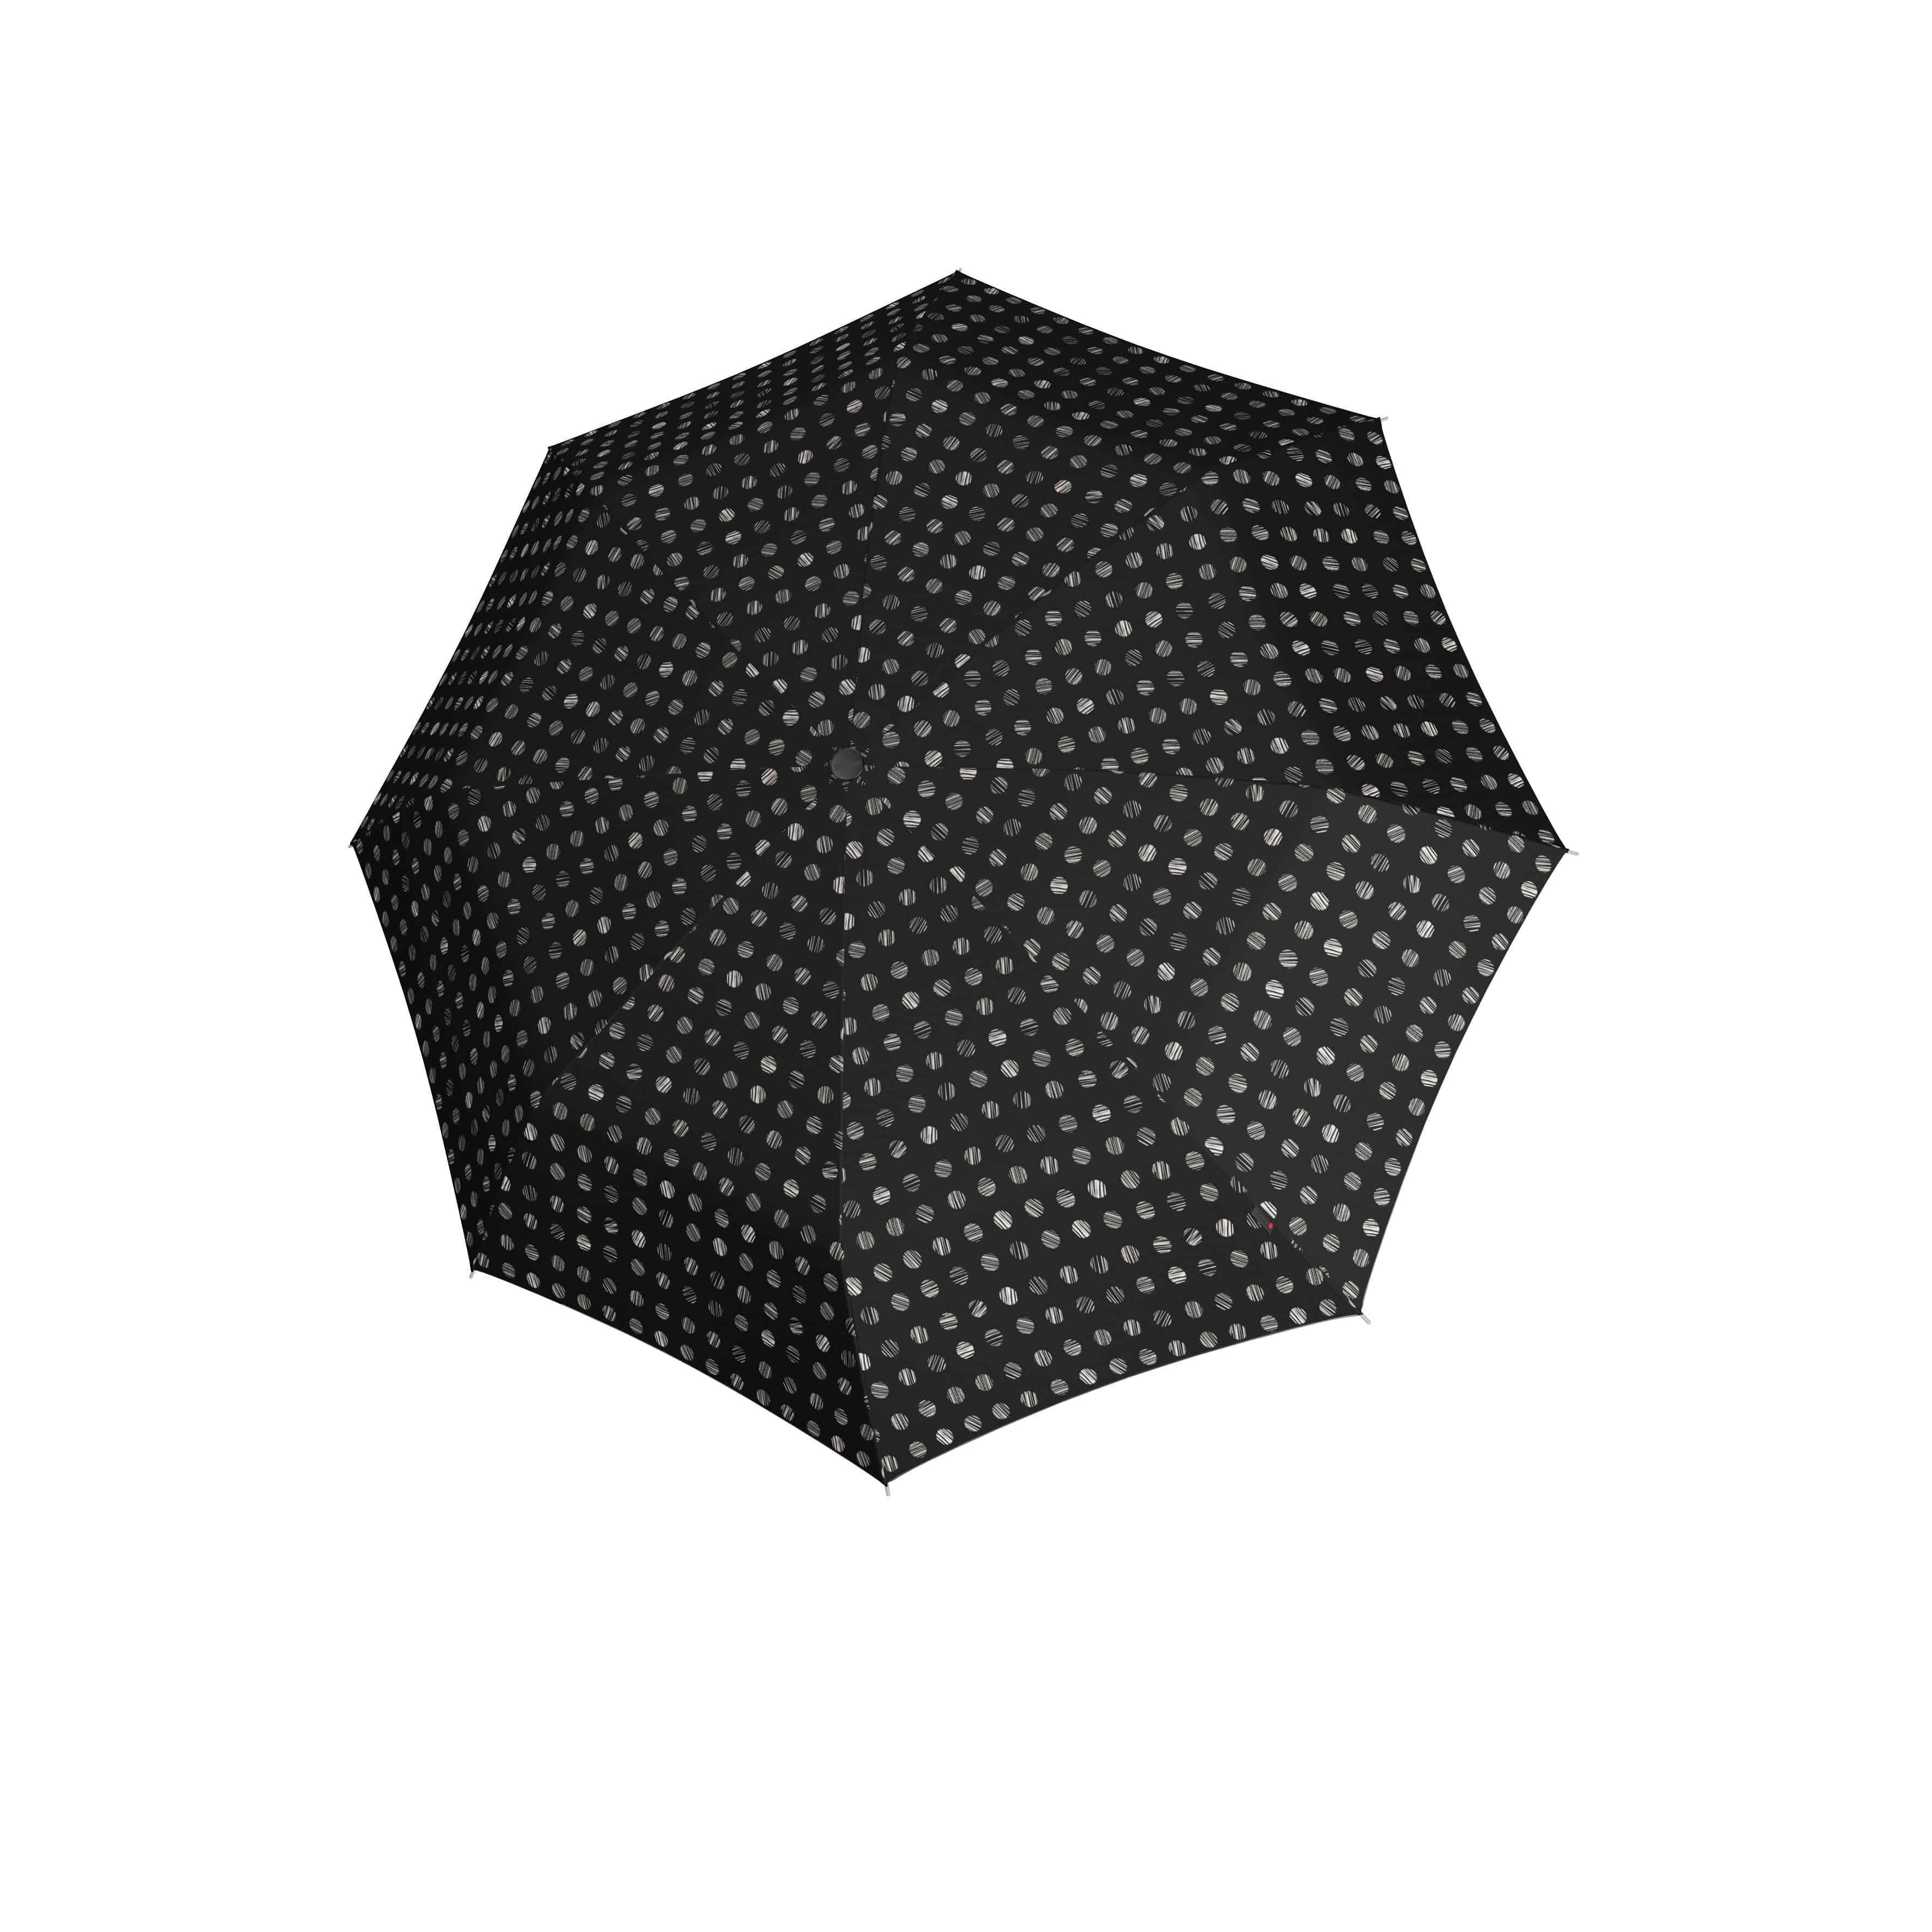 Knirps Umbrella A.050 medium manual - photo 2